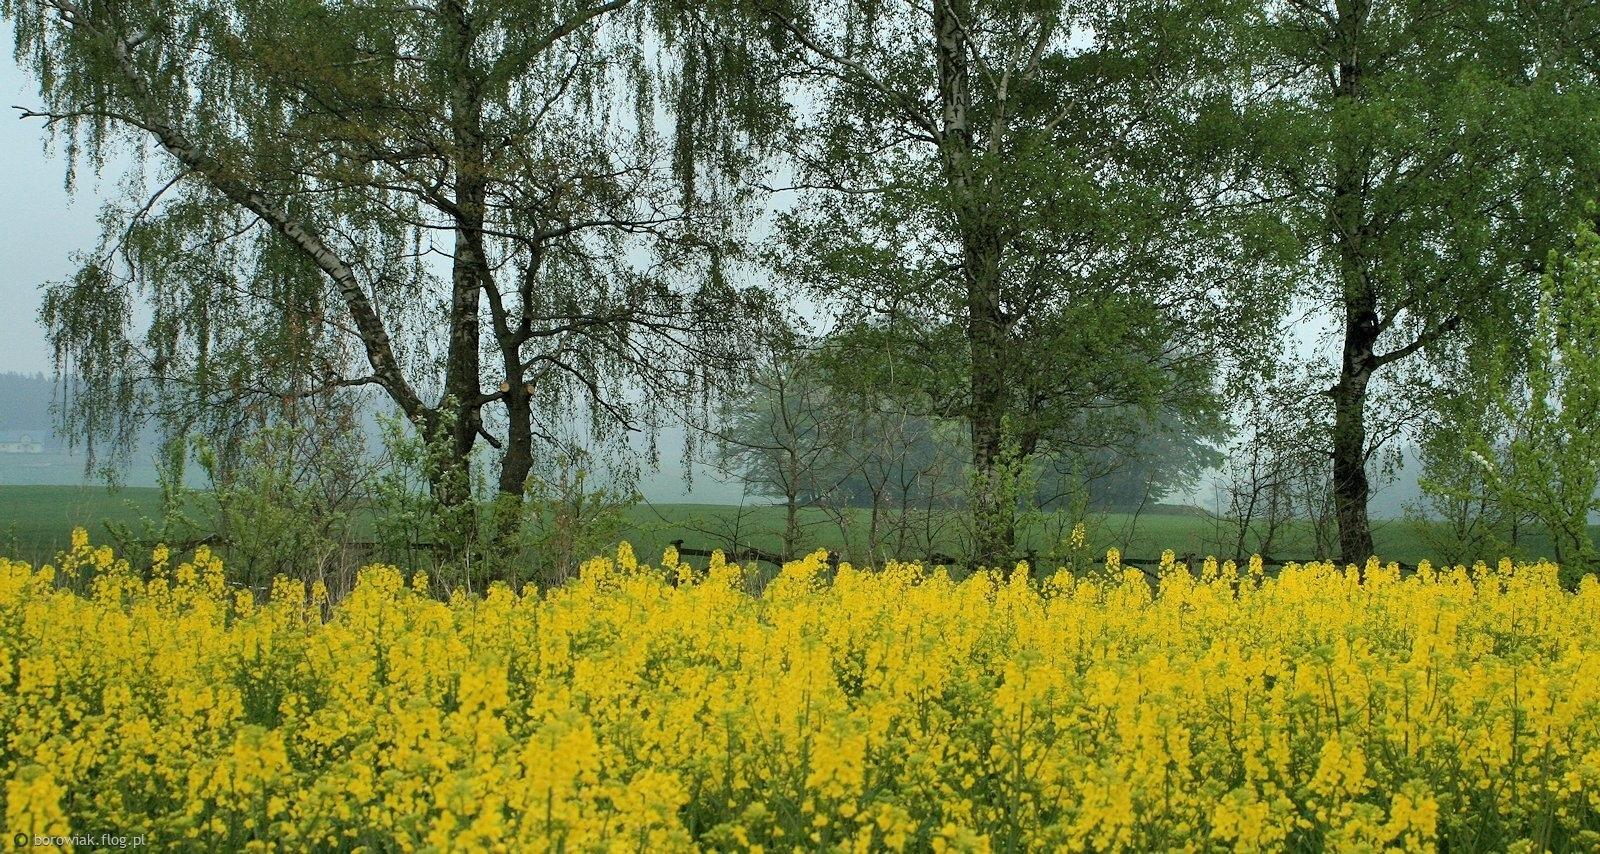 Żółto, zielono, siwo i mgliście...